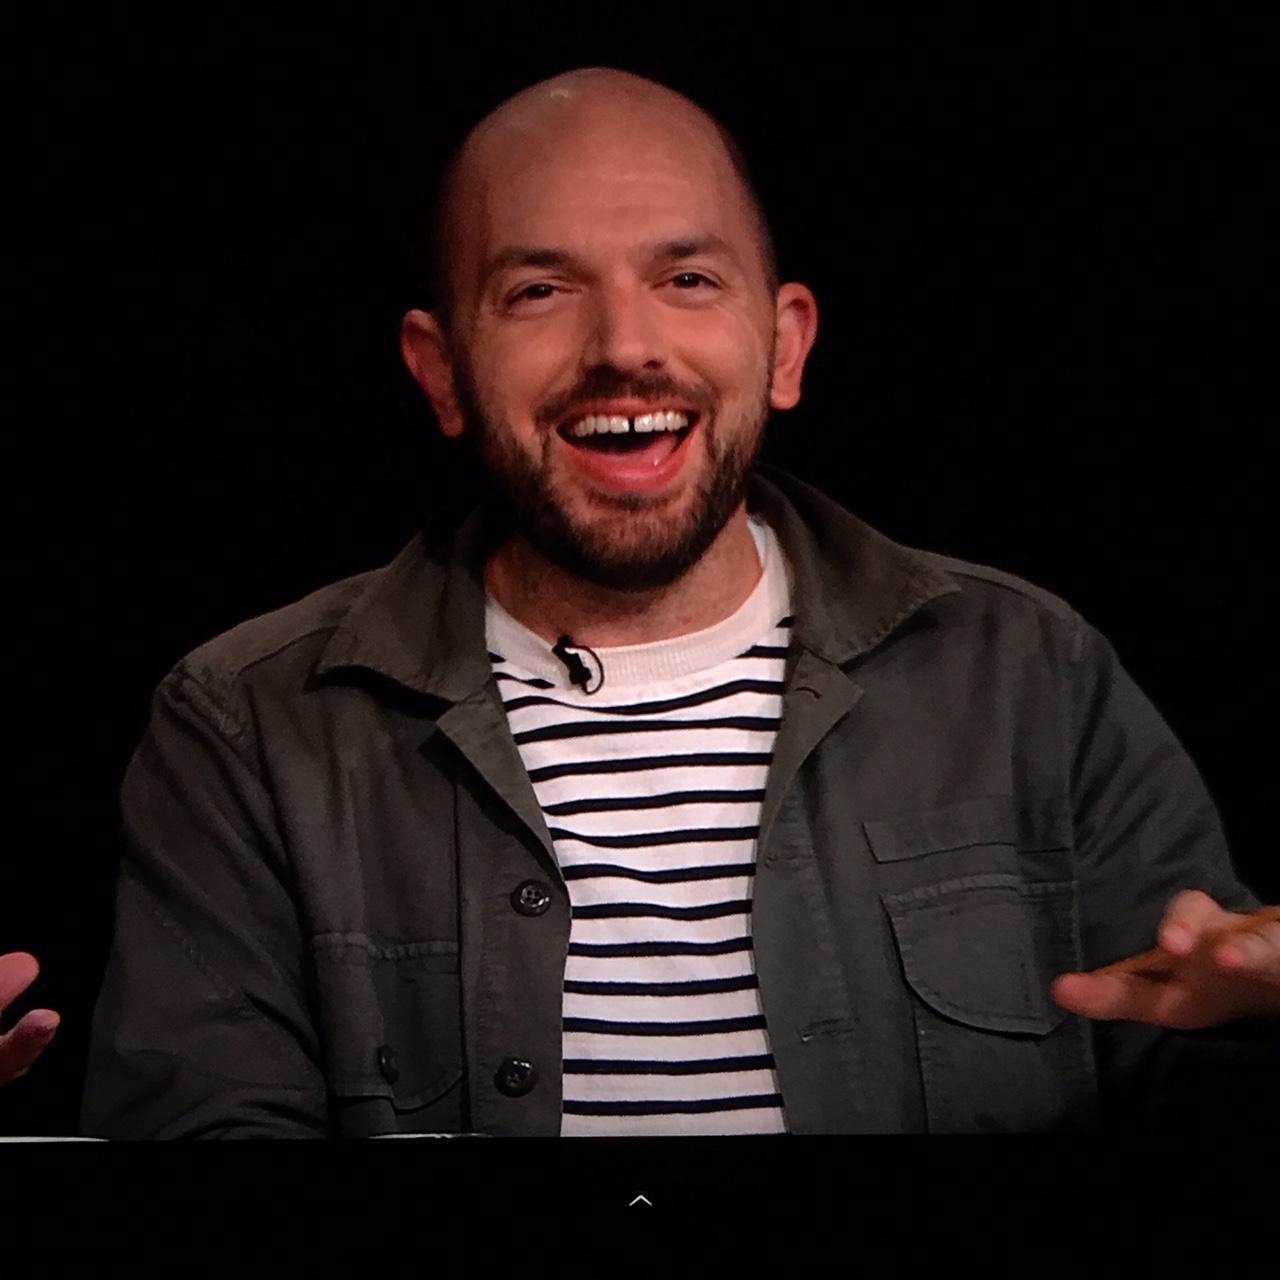 Comedian- Paul Scheer